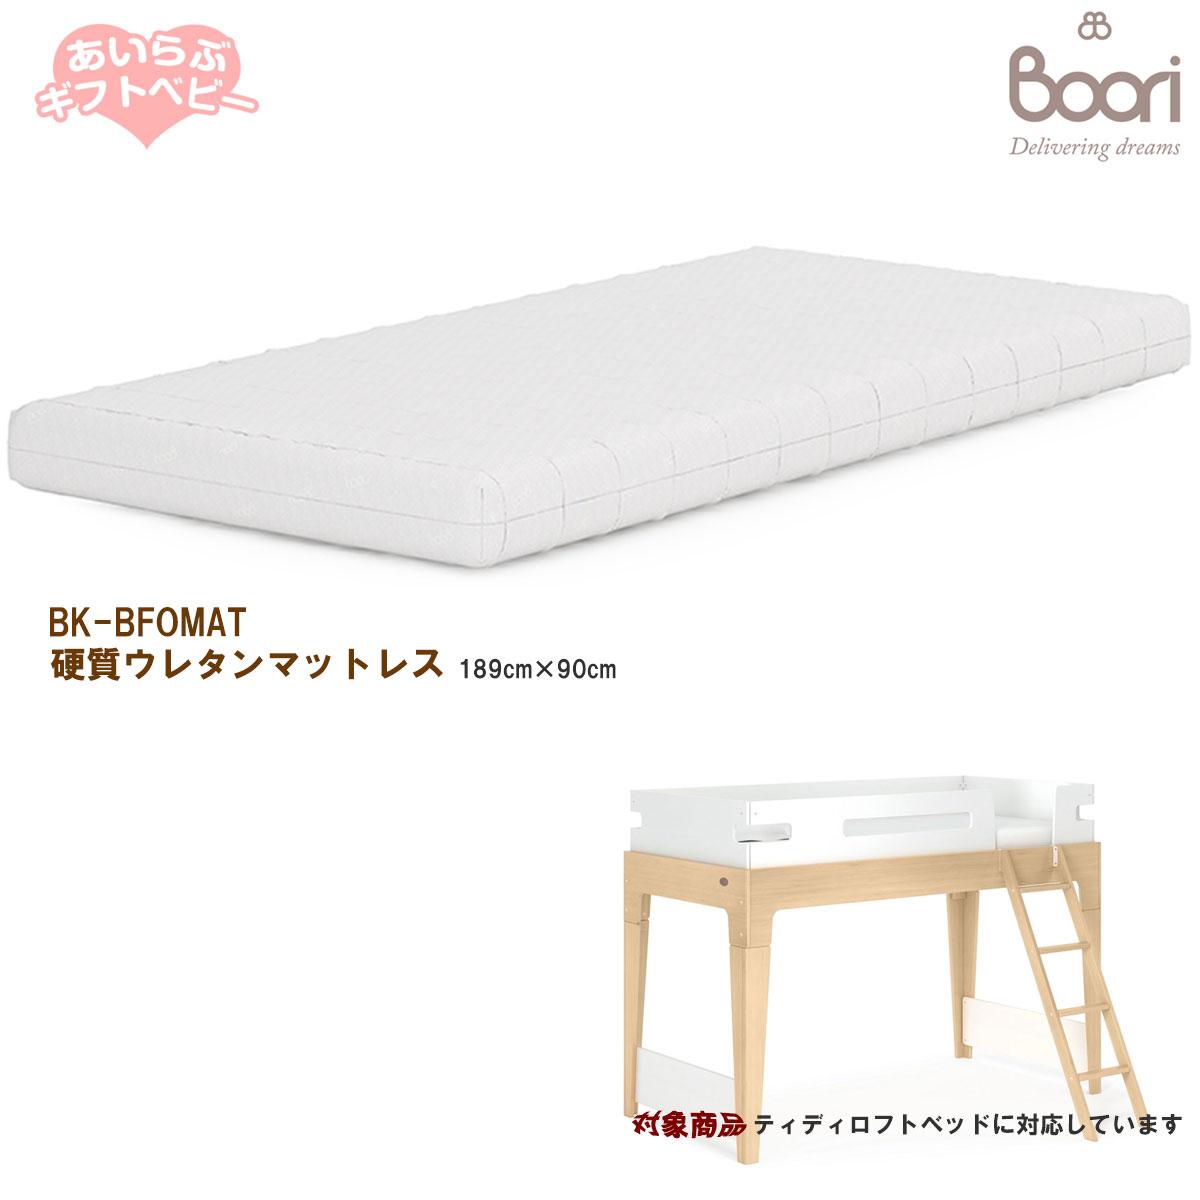 【送料無料】BOORI ブーリ 硬質ウレタンマットレス(189cm×90cm) BK-BFOMAT/あかちゃん キッズ 清潔